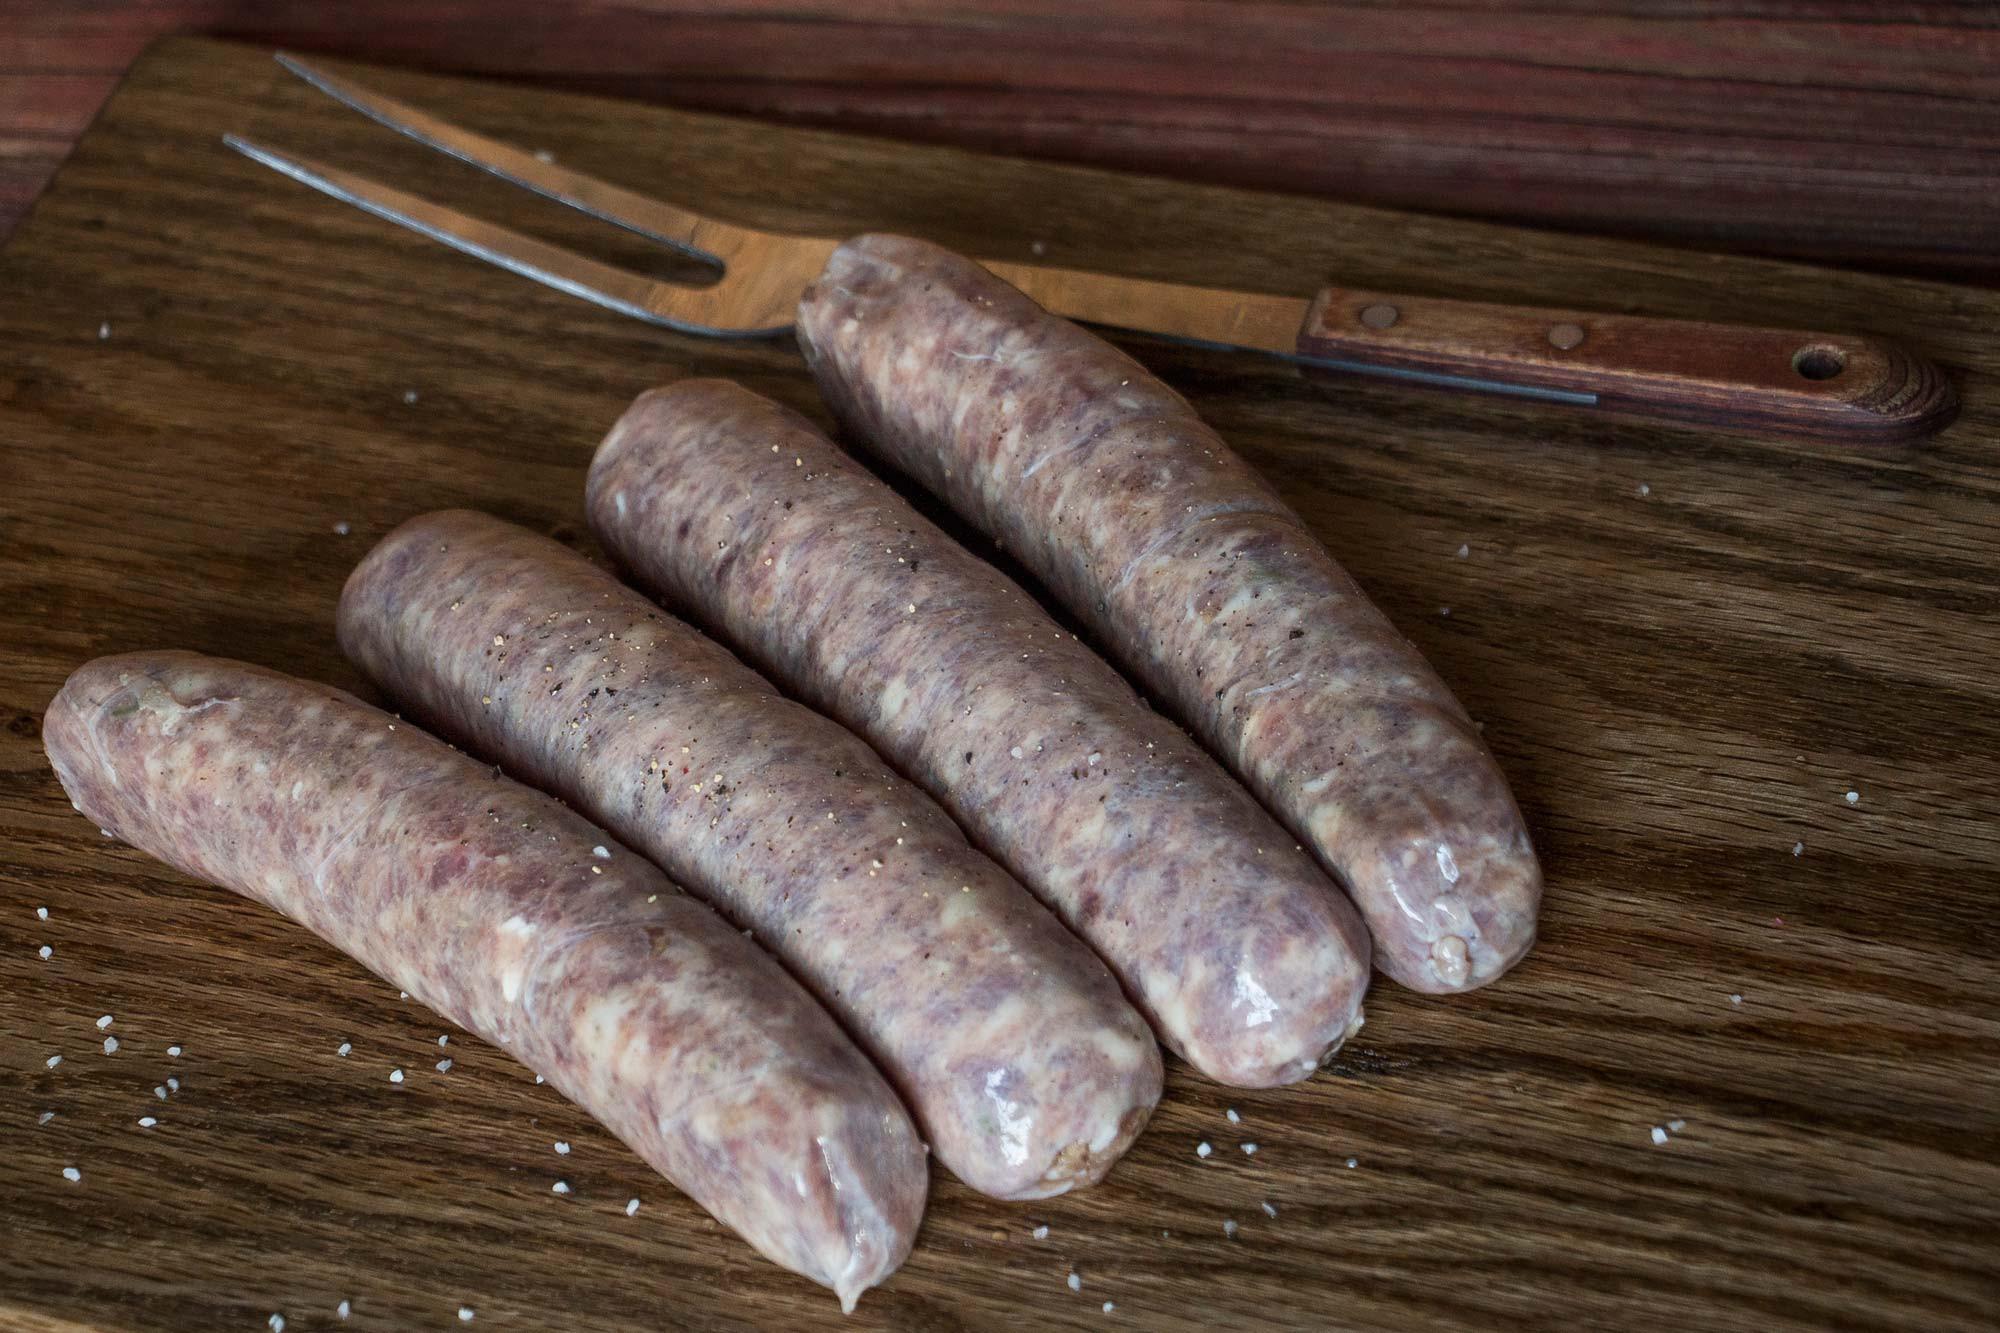 Original Pork Link Sausage